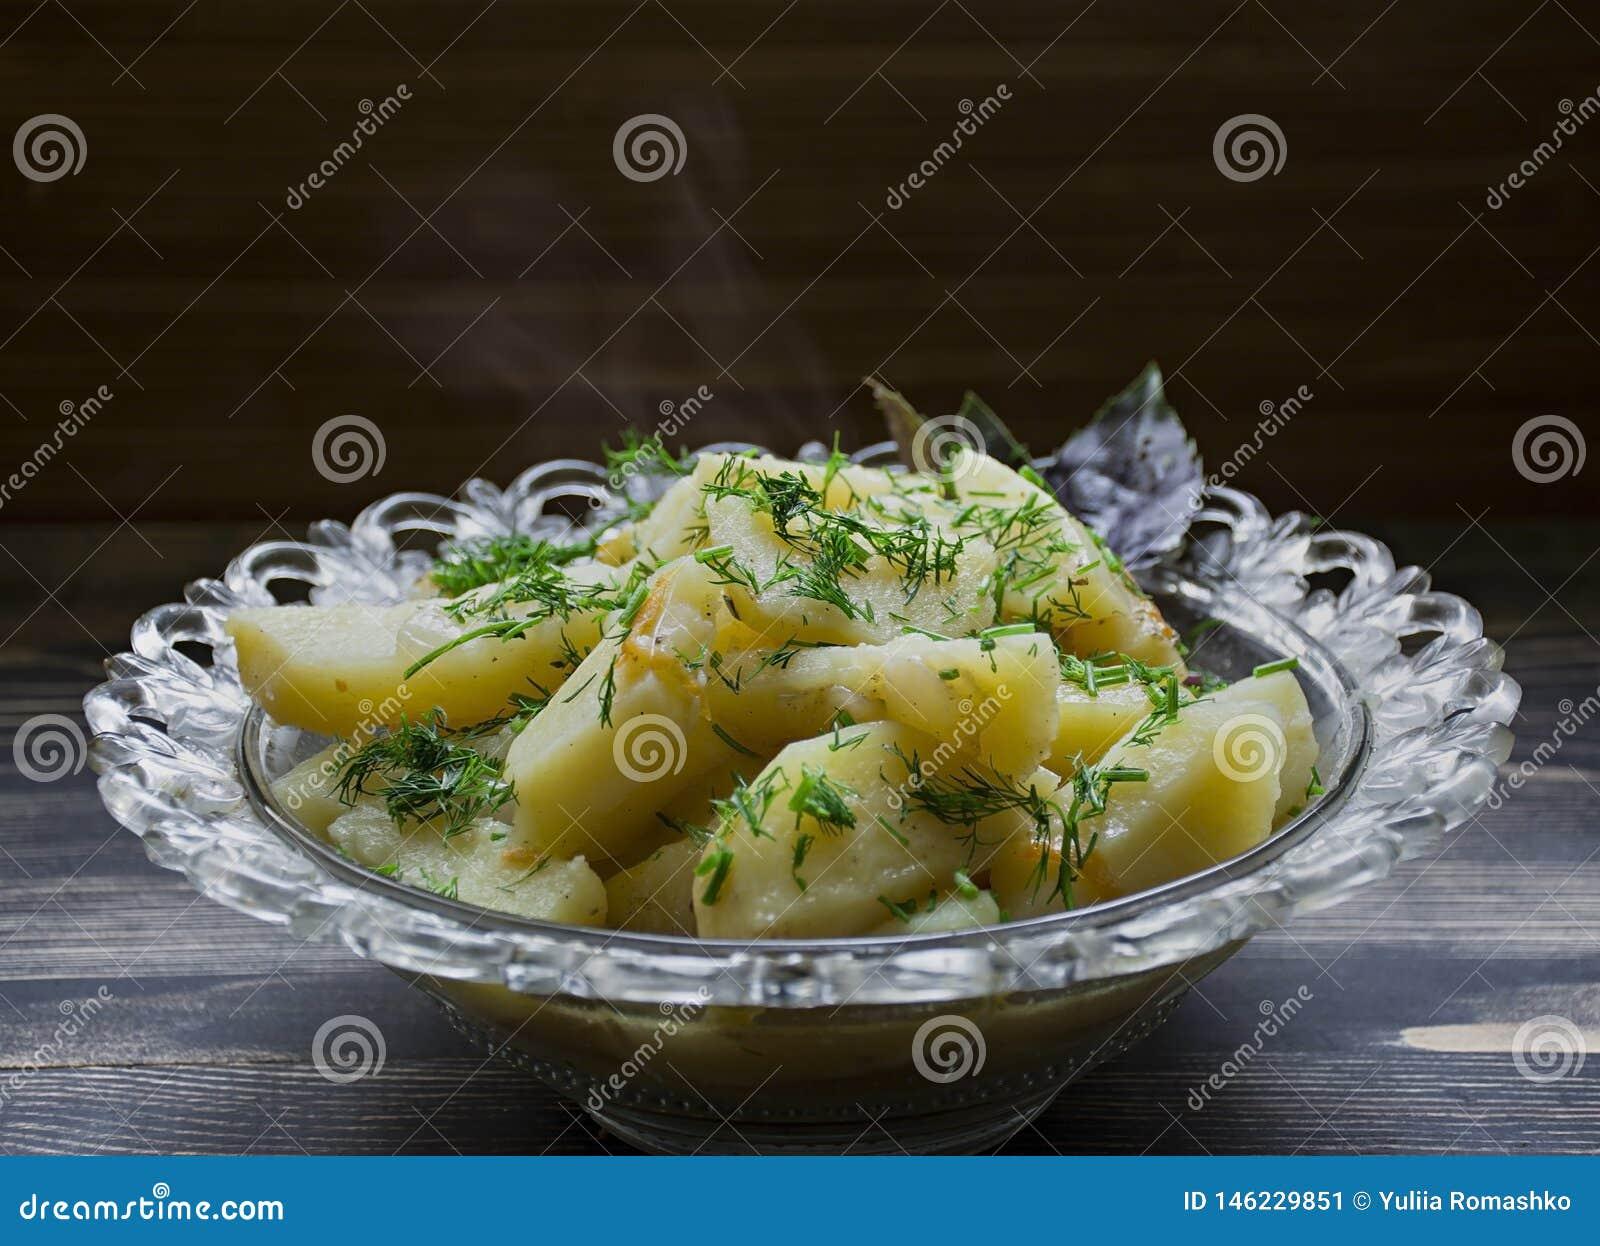 Πατάτα που μαγειρεύεται με τα λαχανικά και τα χορτάρια Νόστιμο και θρεπτικό μεσημεριανό γεύμα